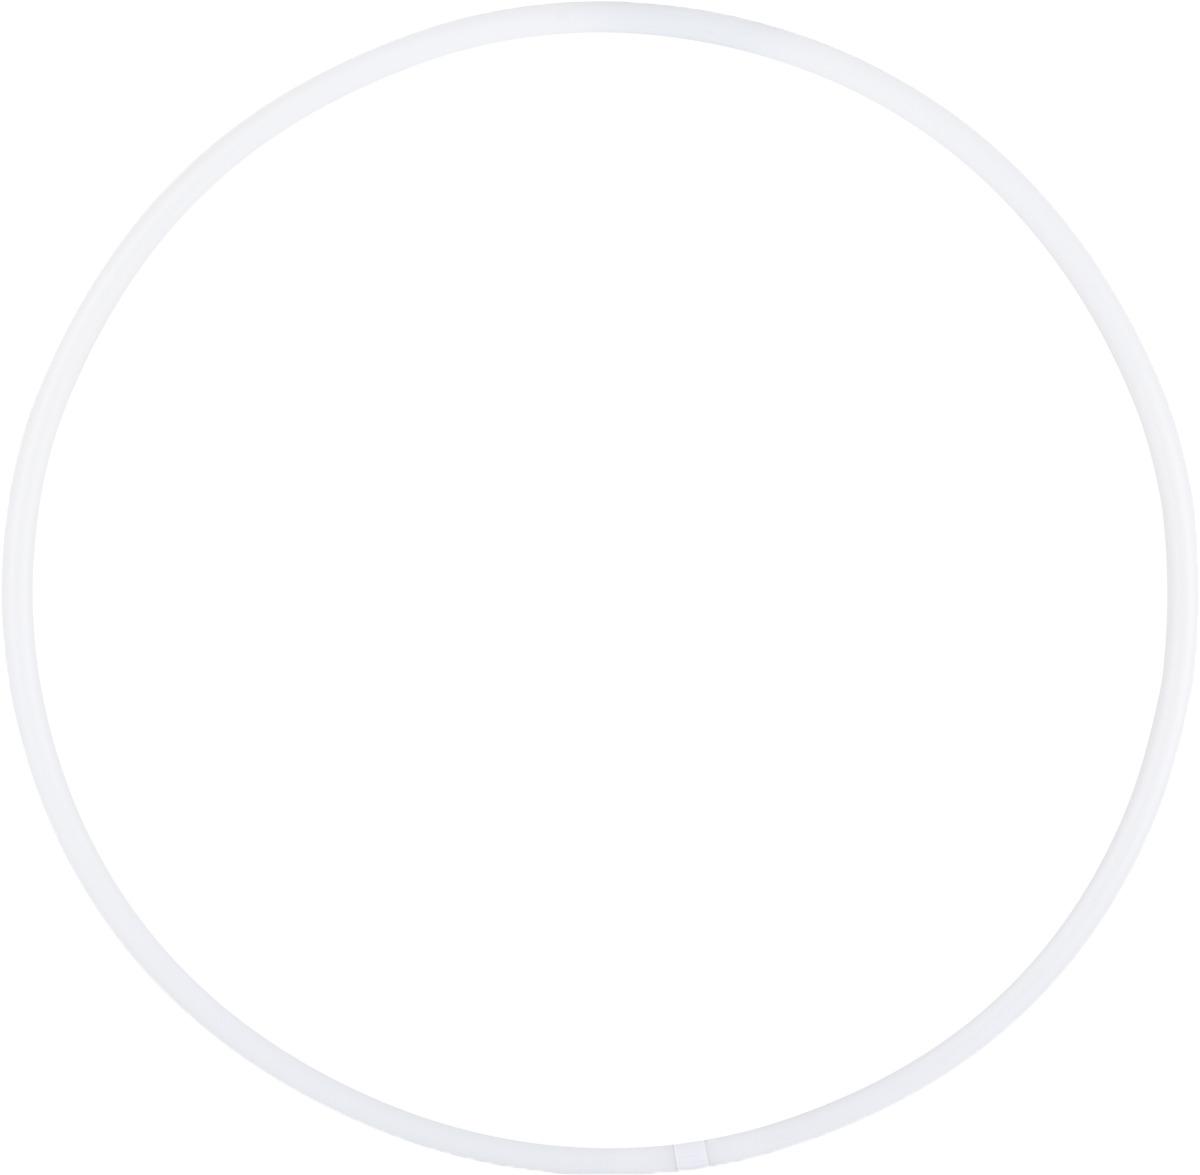 Обруч для художественной гимнастики Amely AGO-101, диаметр 80 см, цвет: белый мяч для художественной гимнастики amely agr 101 диаметр 15 см цвет синий белый